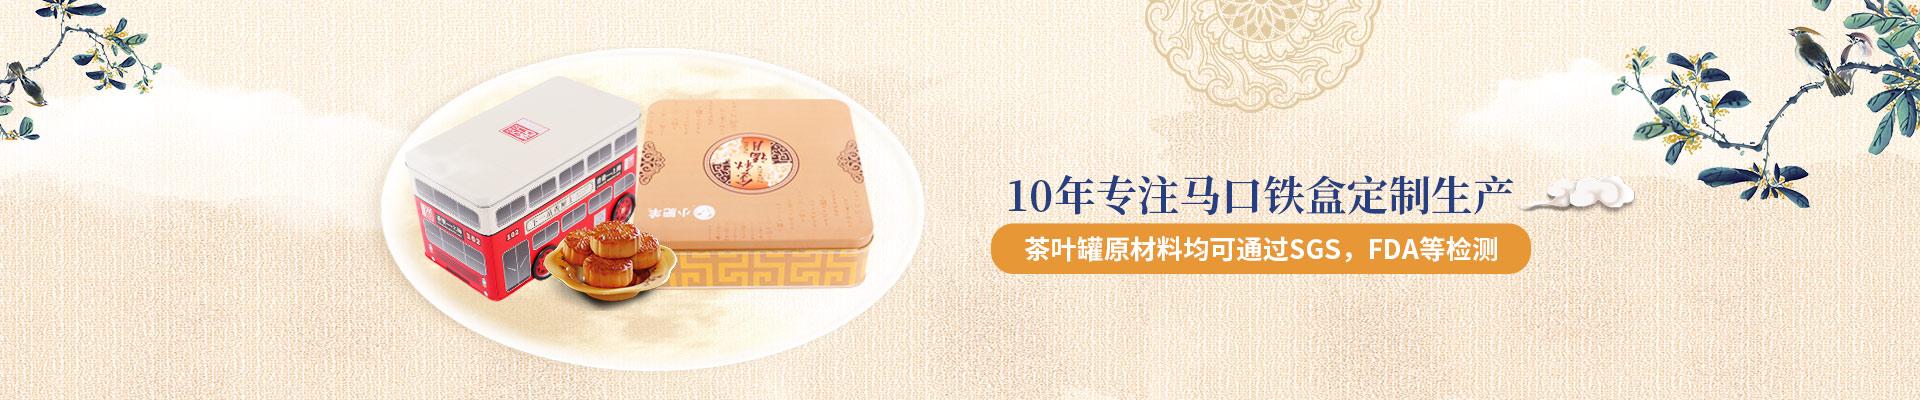 业士铁盒,10年专注马口铁盒定制生产